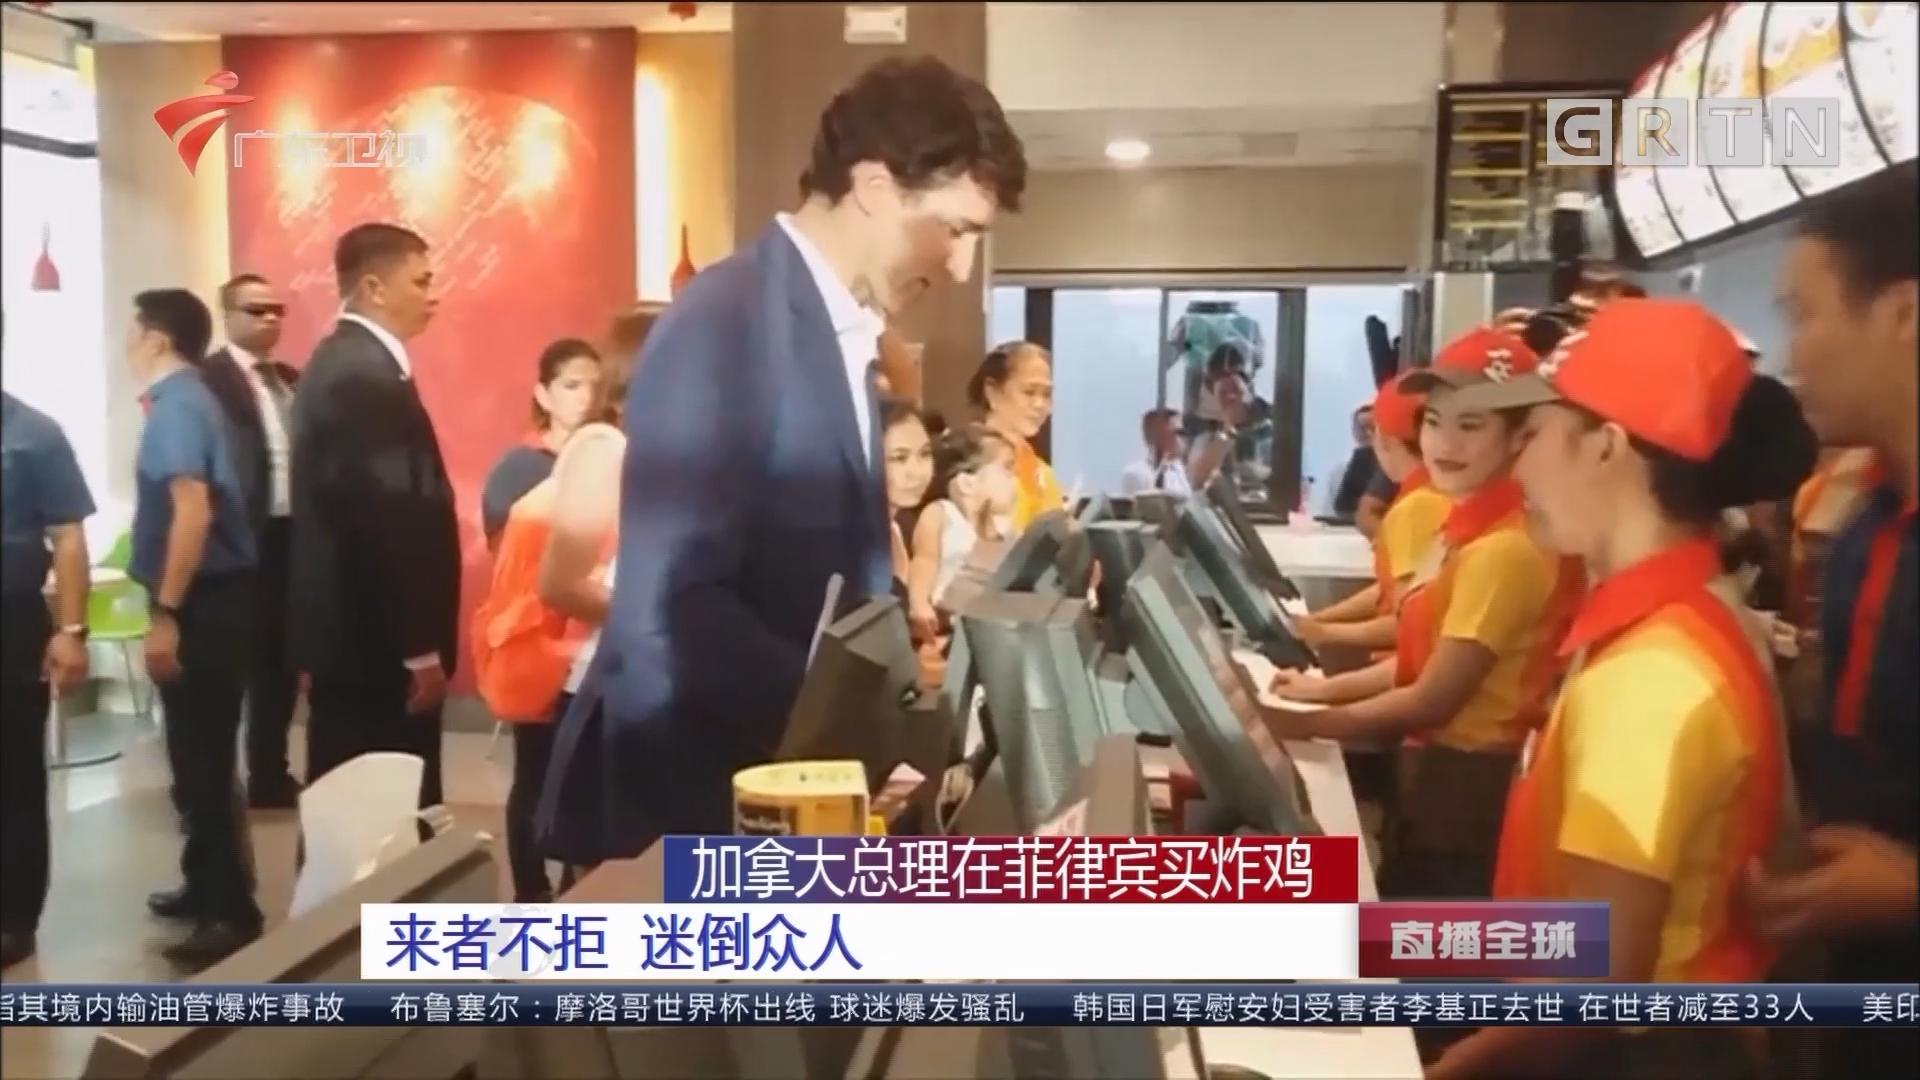 加拿大总理在菲律宾买炸鸡:来者不拒 迷倒众人